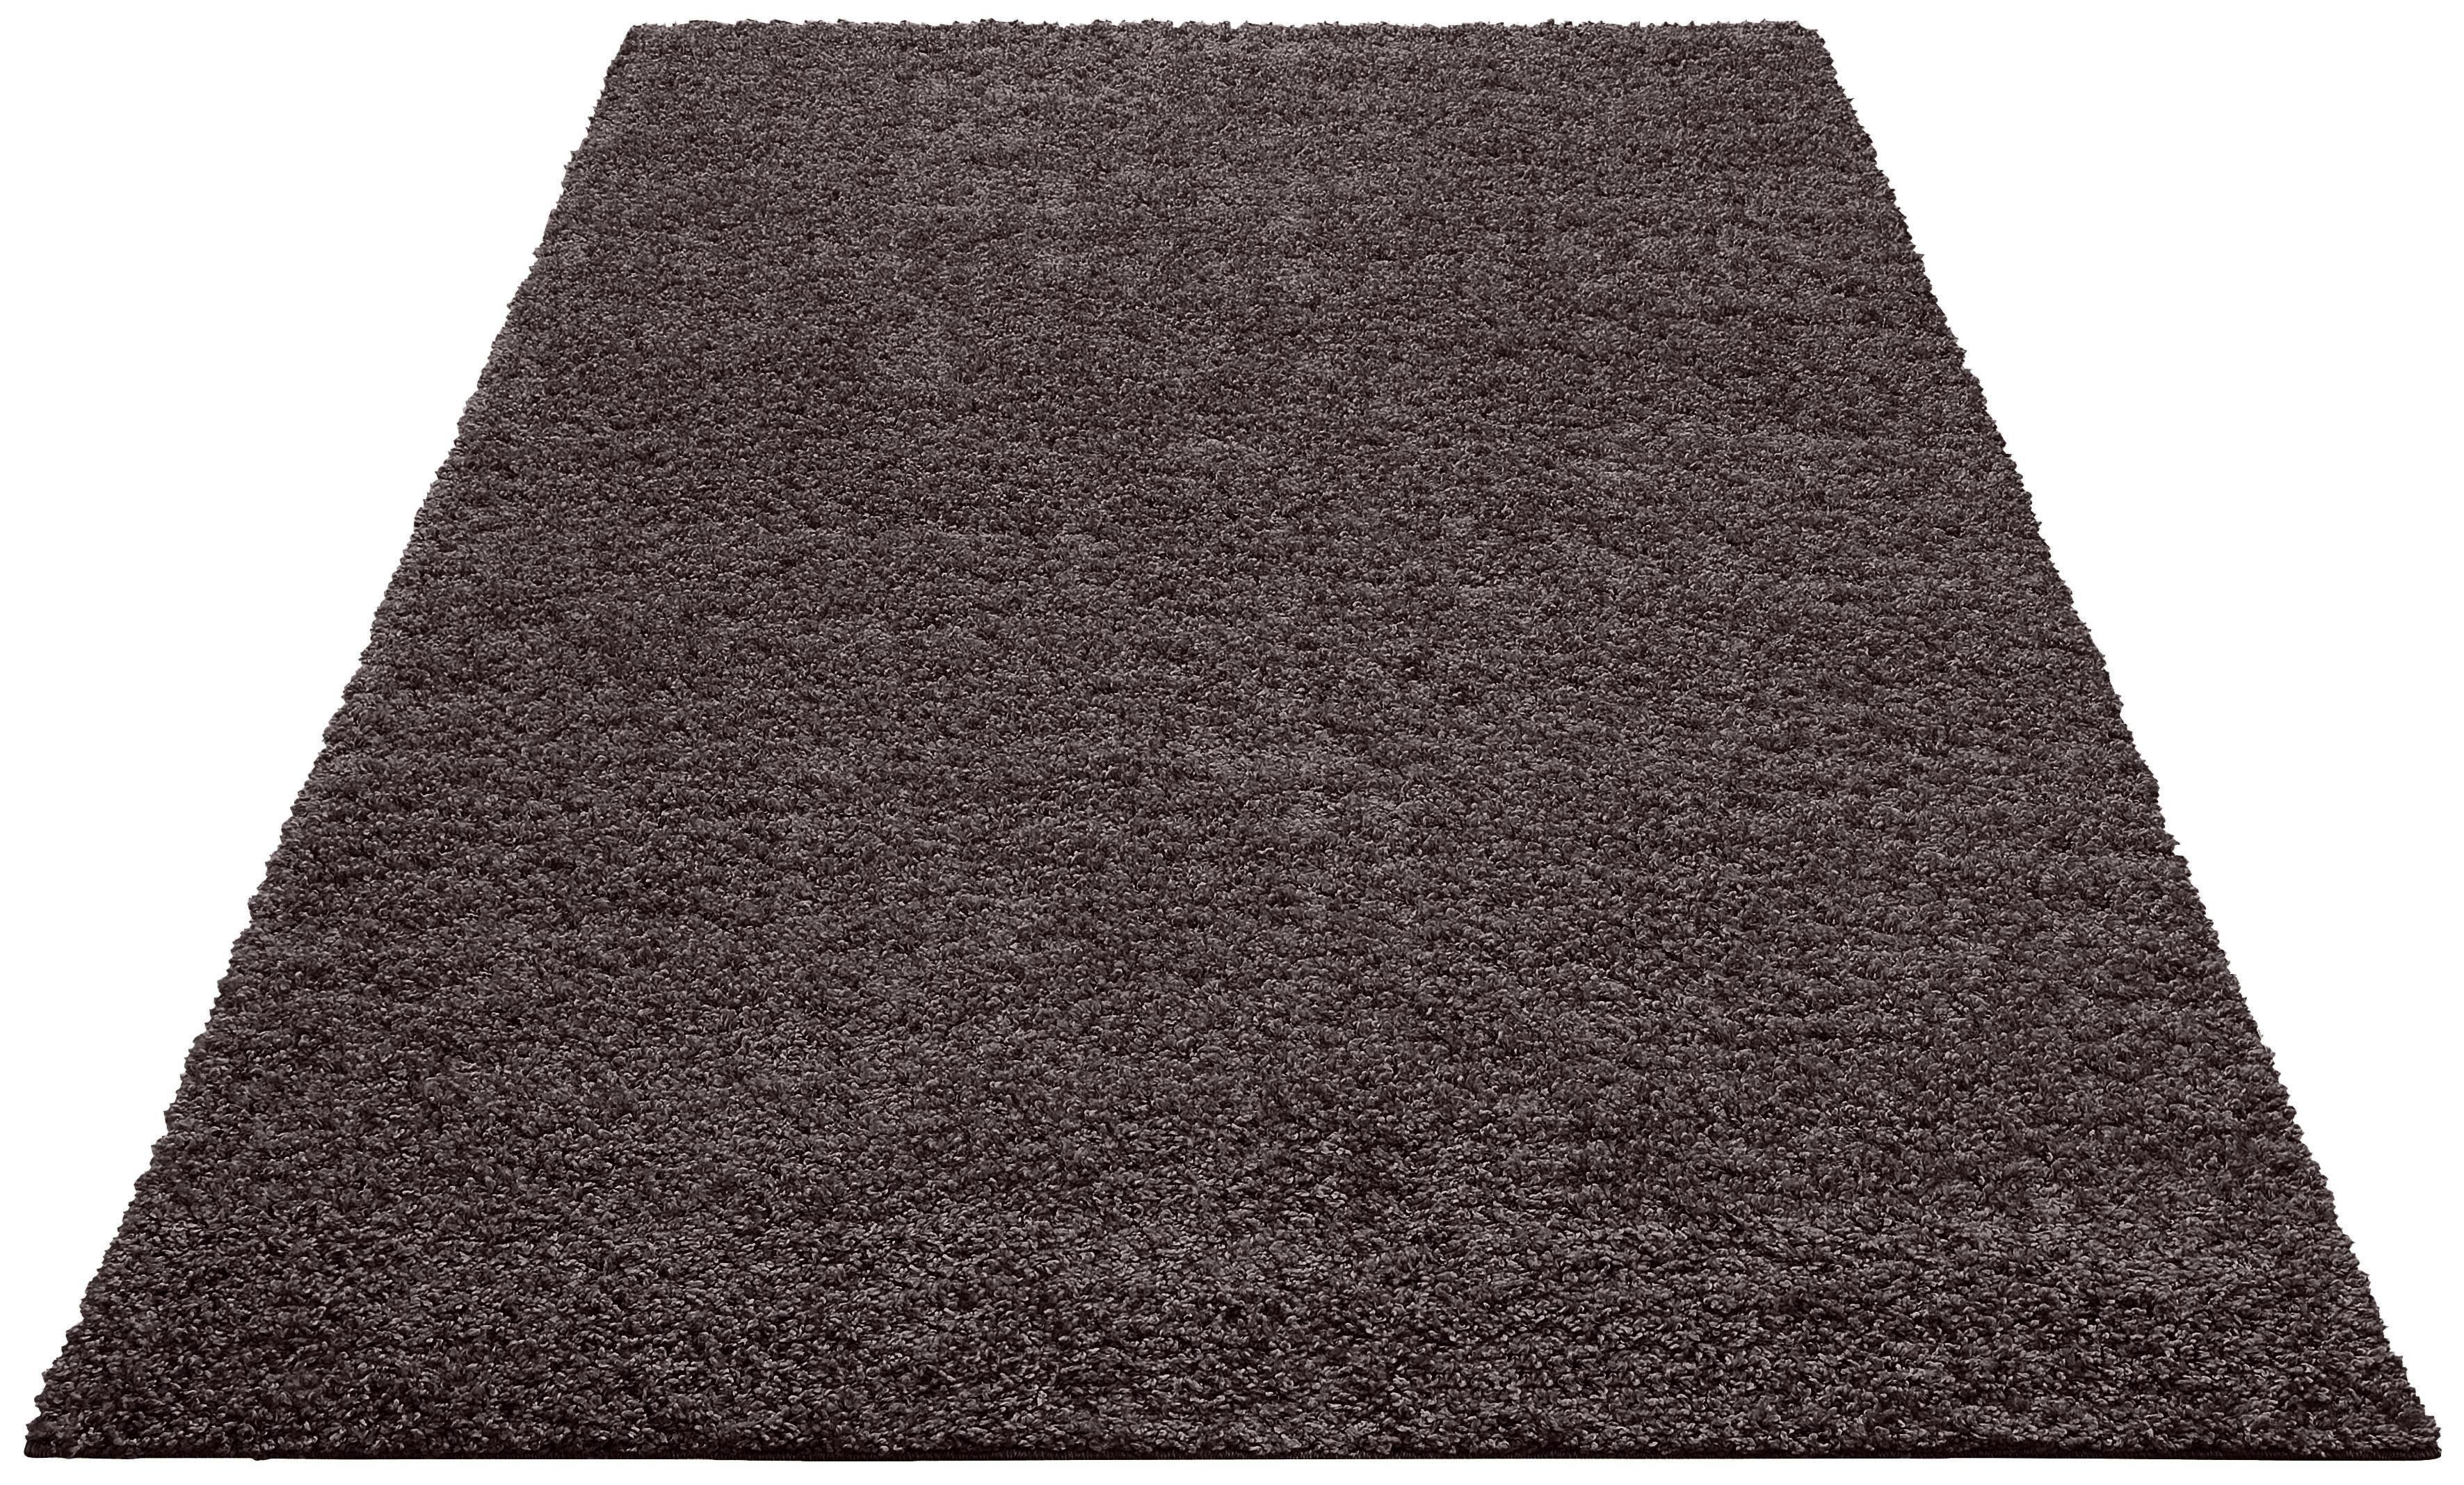 Hochflor-Teppich Shaggy 30 Home affaire rechteckig Höhe 30 mm maschinell gewebt